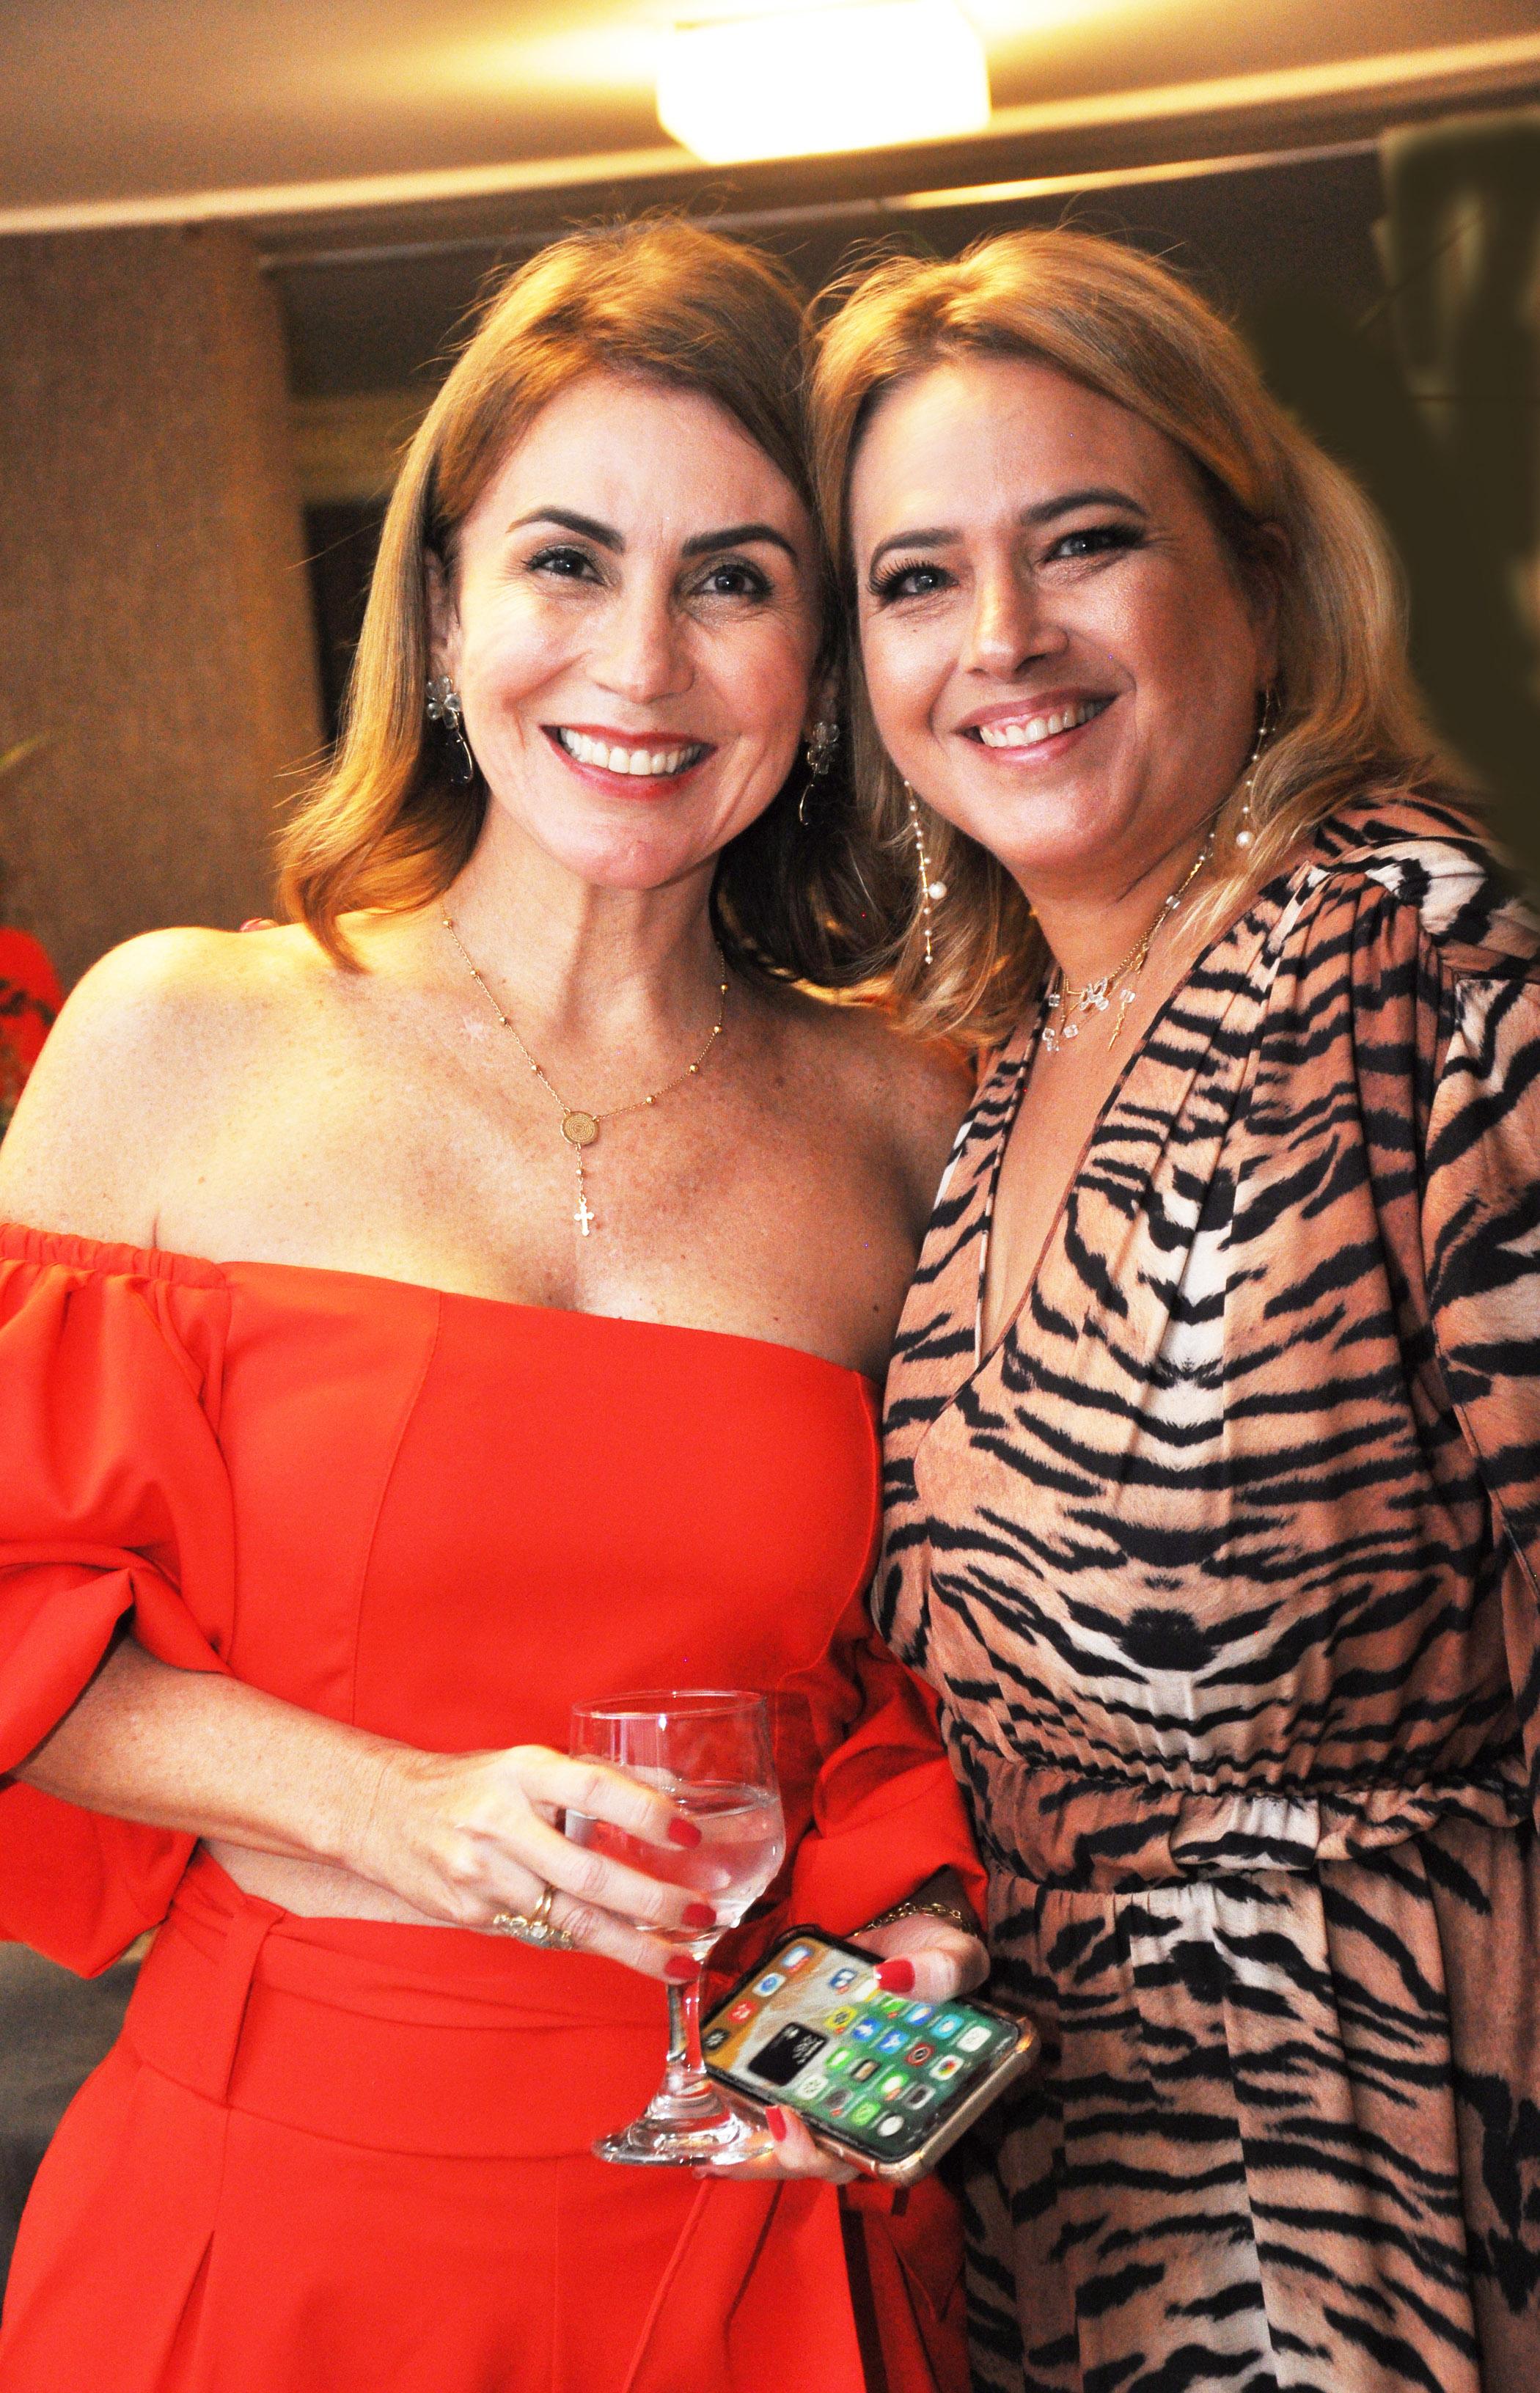 REUNIU NOMES - Angela Pinto e Adriana Galvão